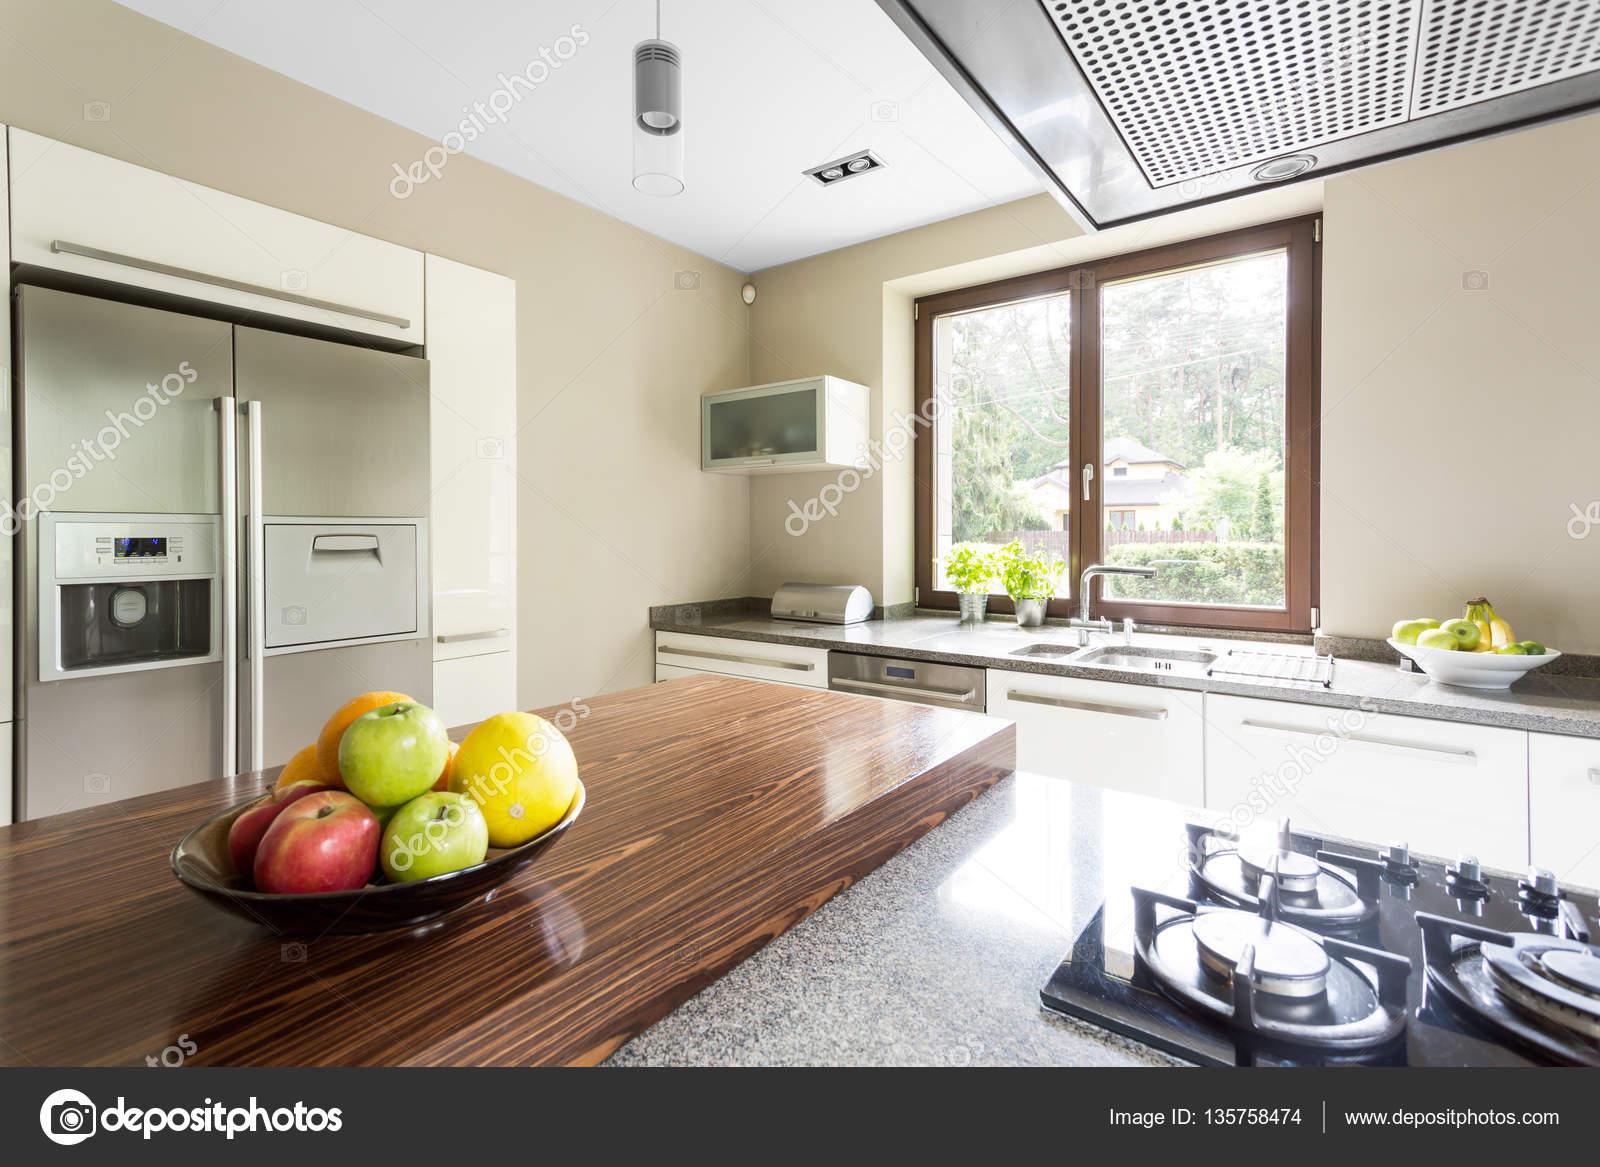 Zwei Türen Kühlschrank in der Küche — Stockfoto © photographee.eu ...